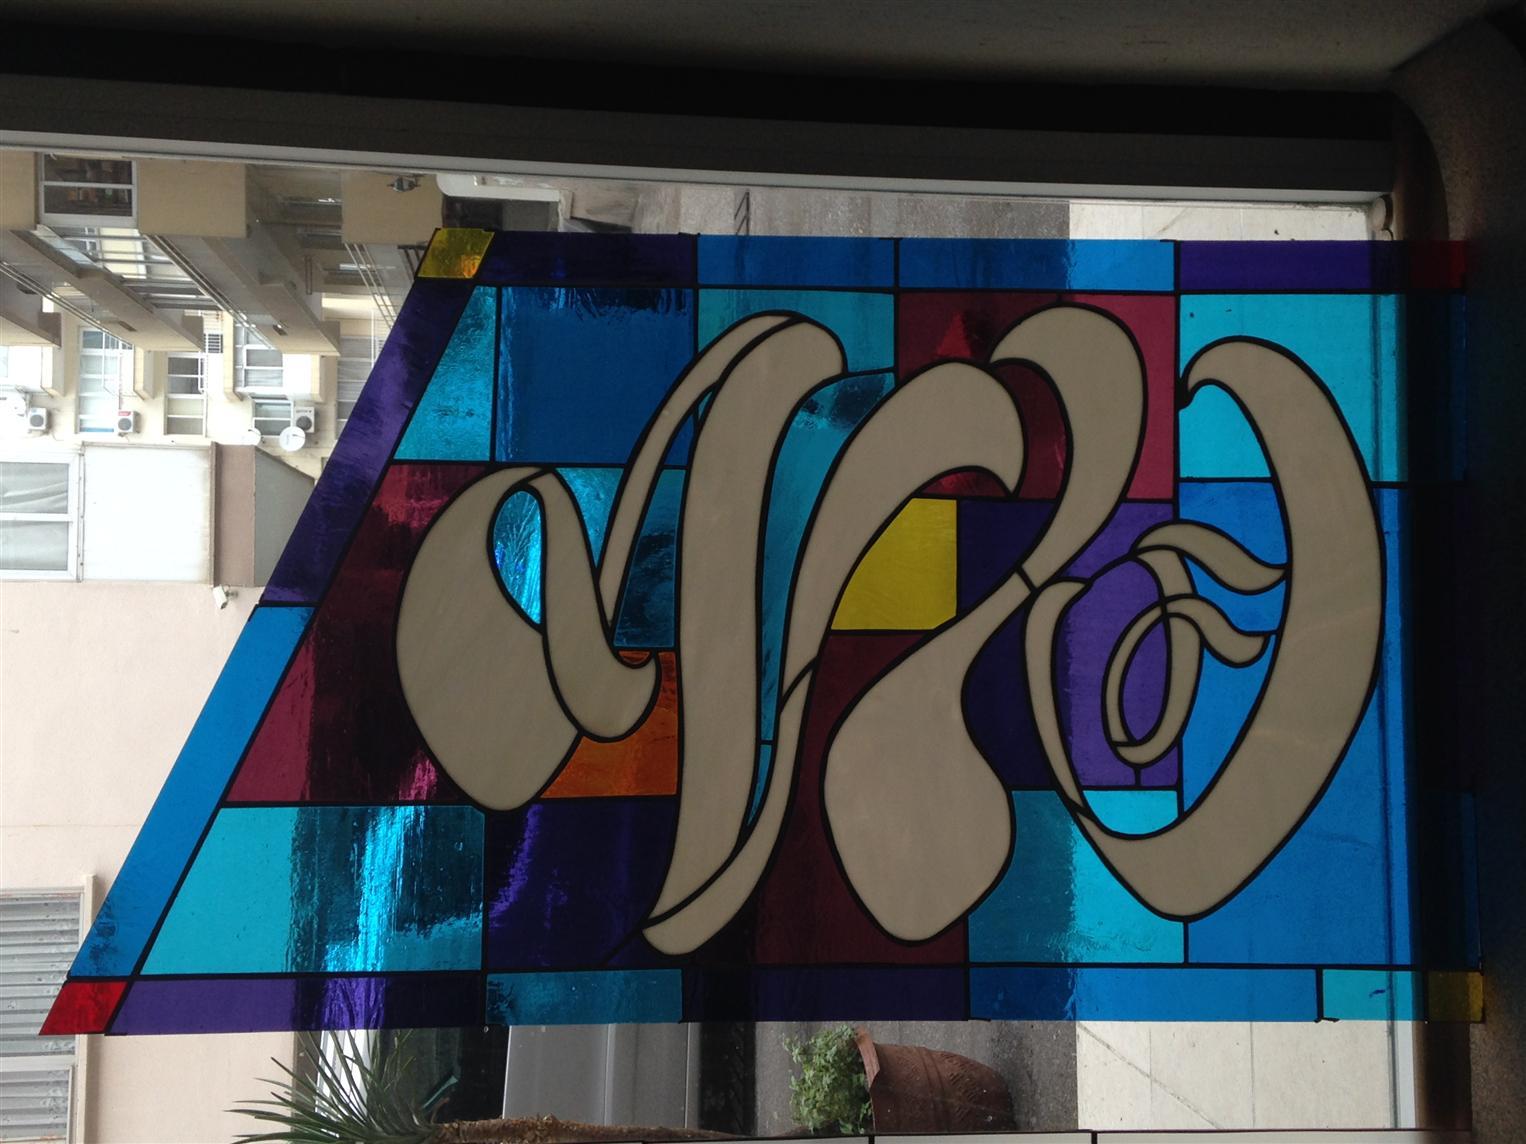 piri-reis-camii2015921174154150.jpg izmir vitray çalışması